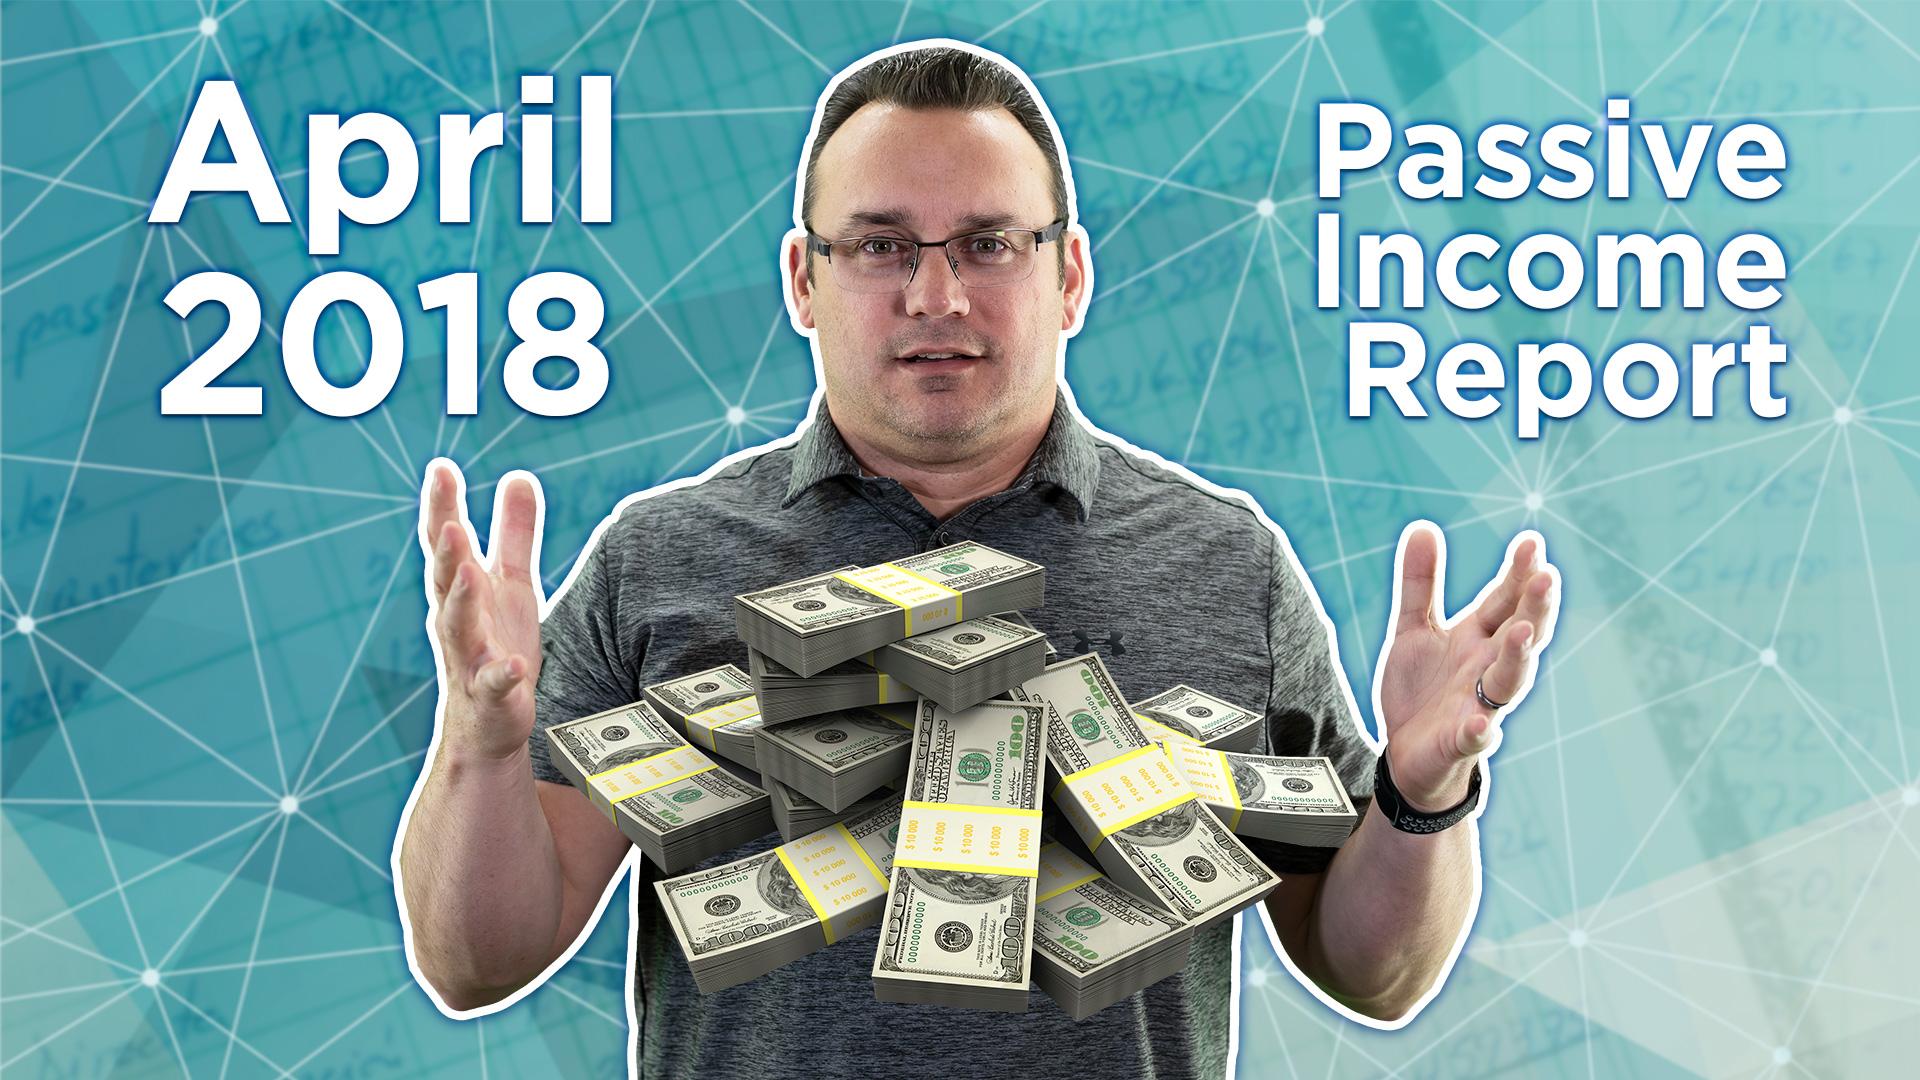 April 2018 Passive Income Report